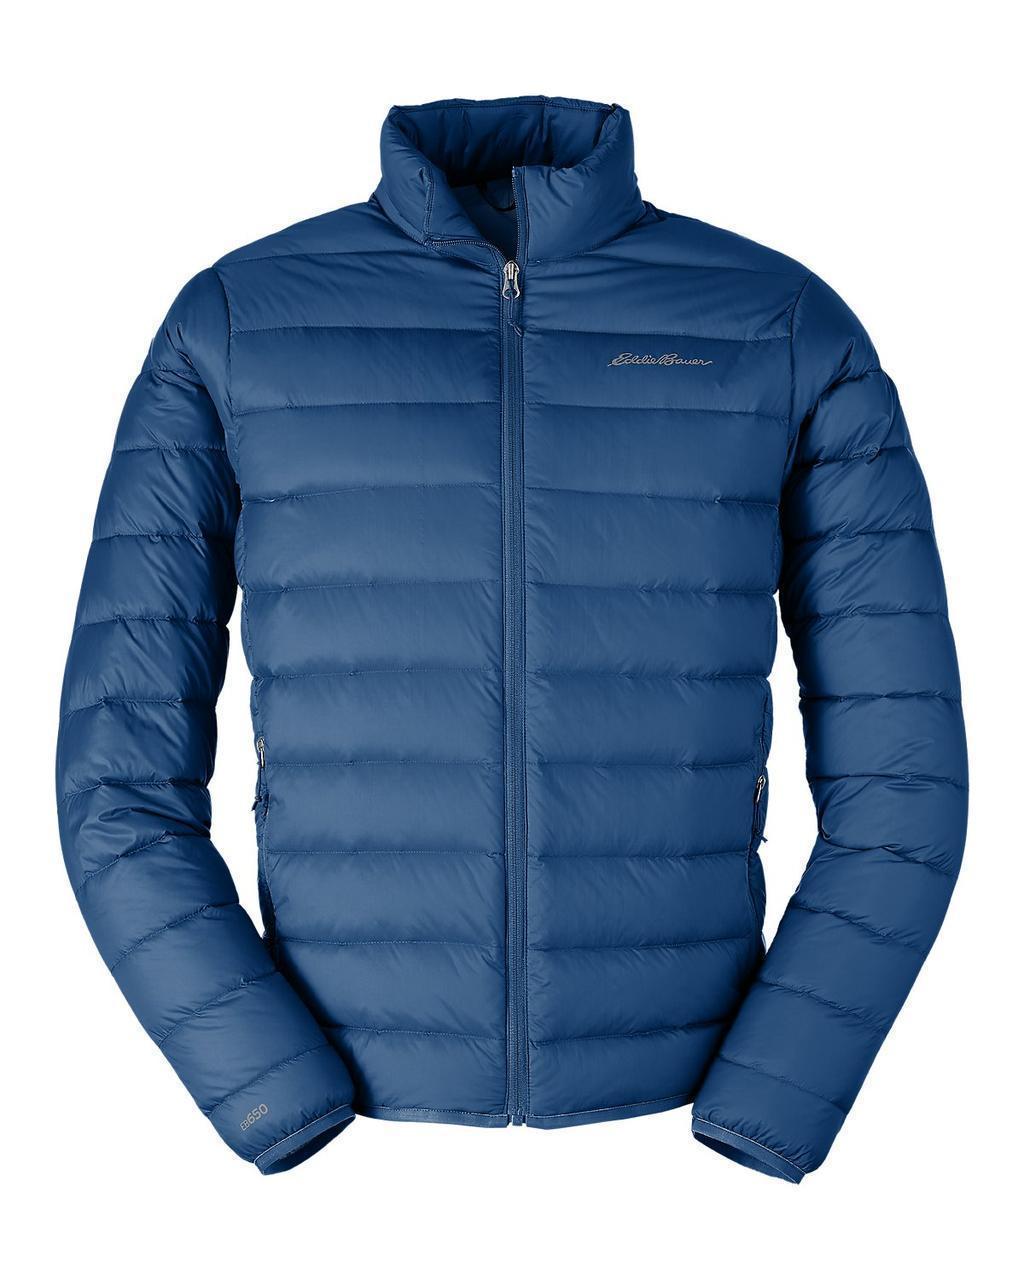 Куртка Eddie Bauer Men's Cirruslite Down Jacket M